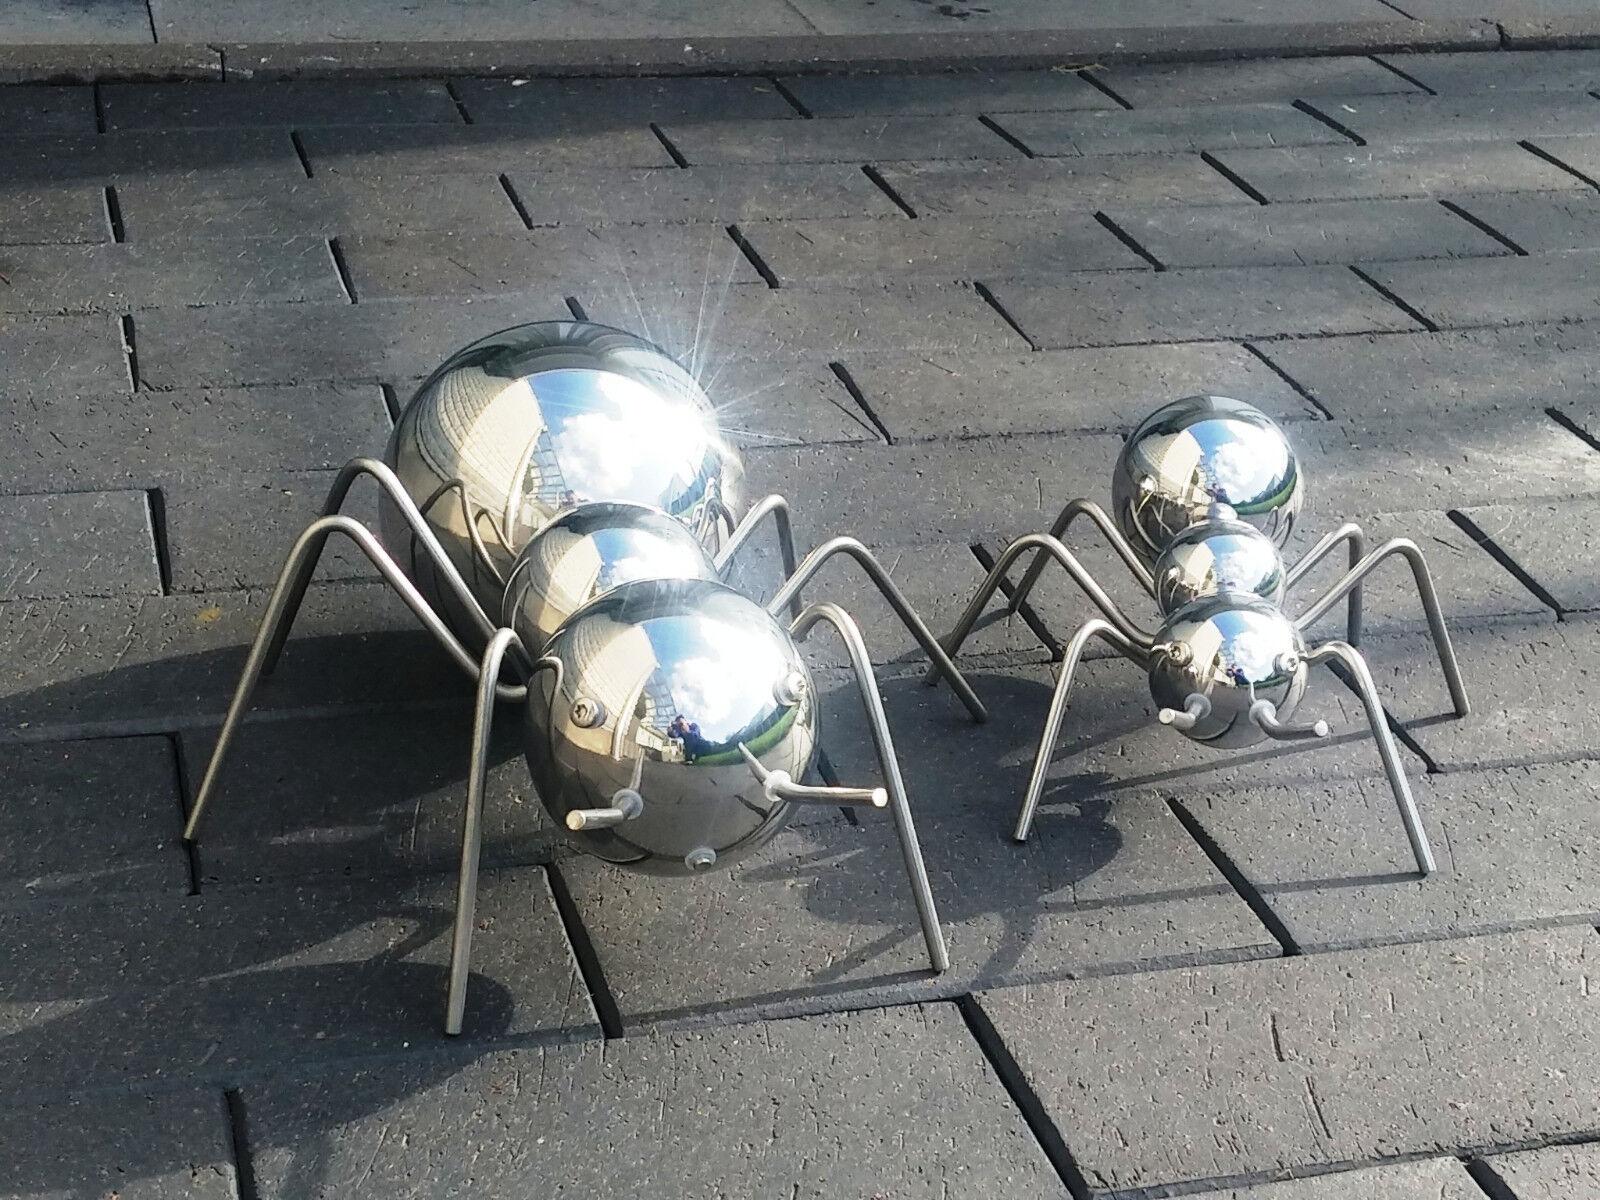 Gartendekoration Ameise Skulptur Edelstahl Deko Gartenfigur Balkondeko Teichdeko